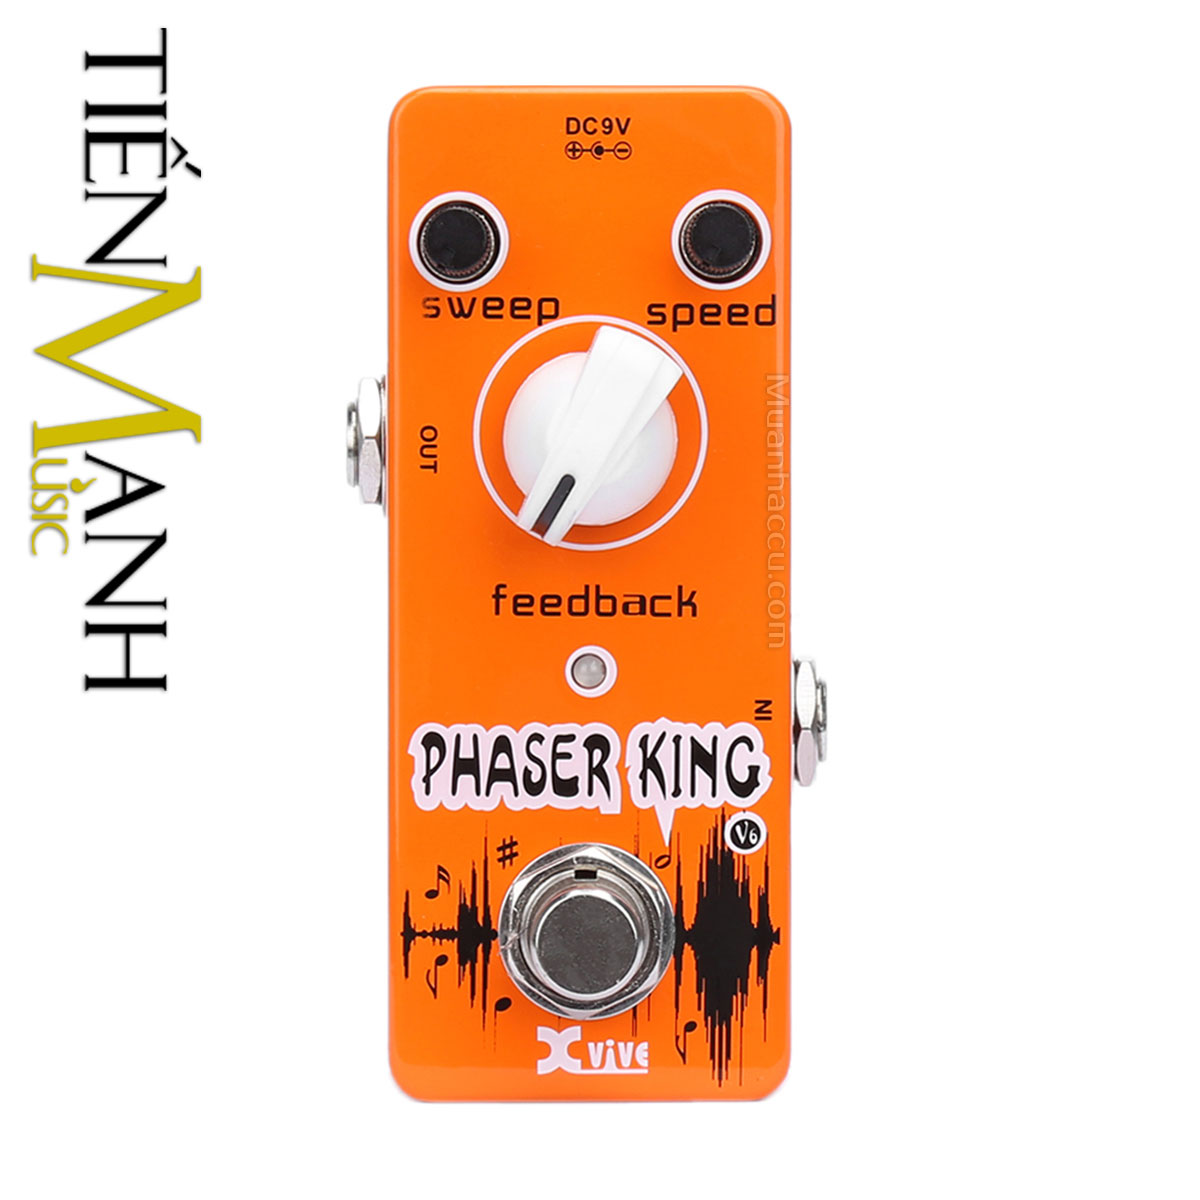 Phơ Guitar Xvive Analog Phaser King V6 (Nguồn chính hãng đi kèm - Bàn đạp Fuzz Pedals Effects)